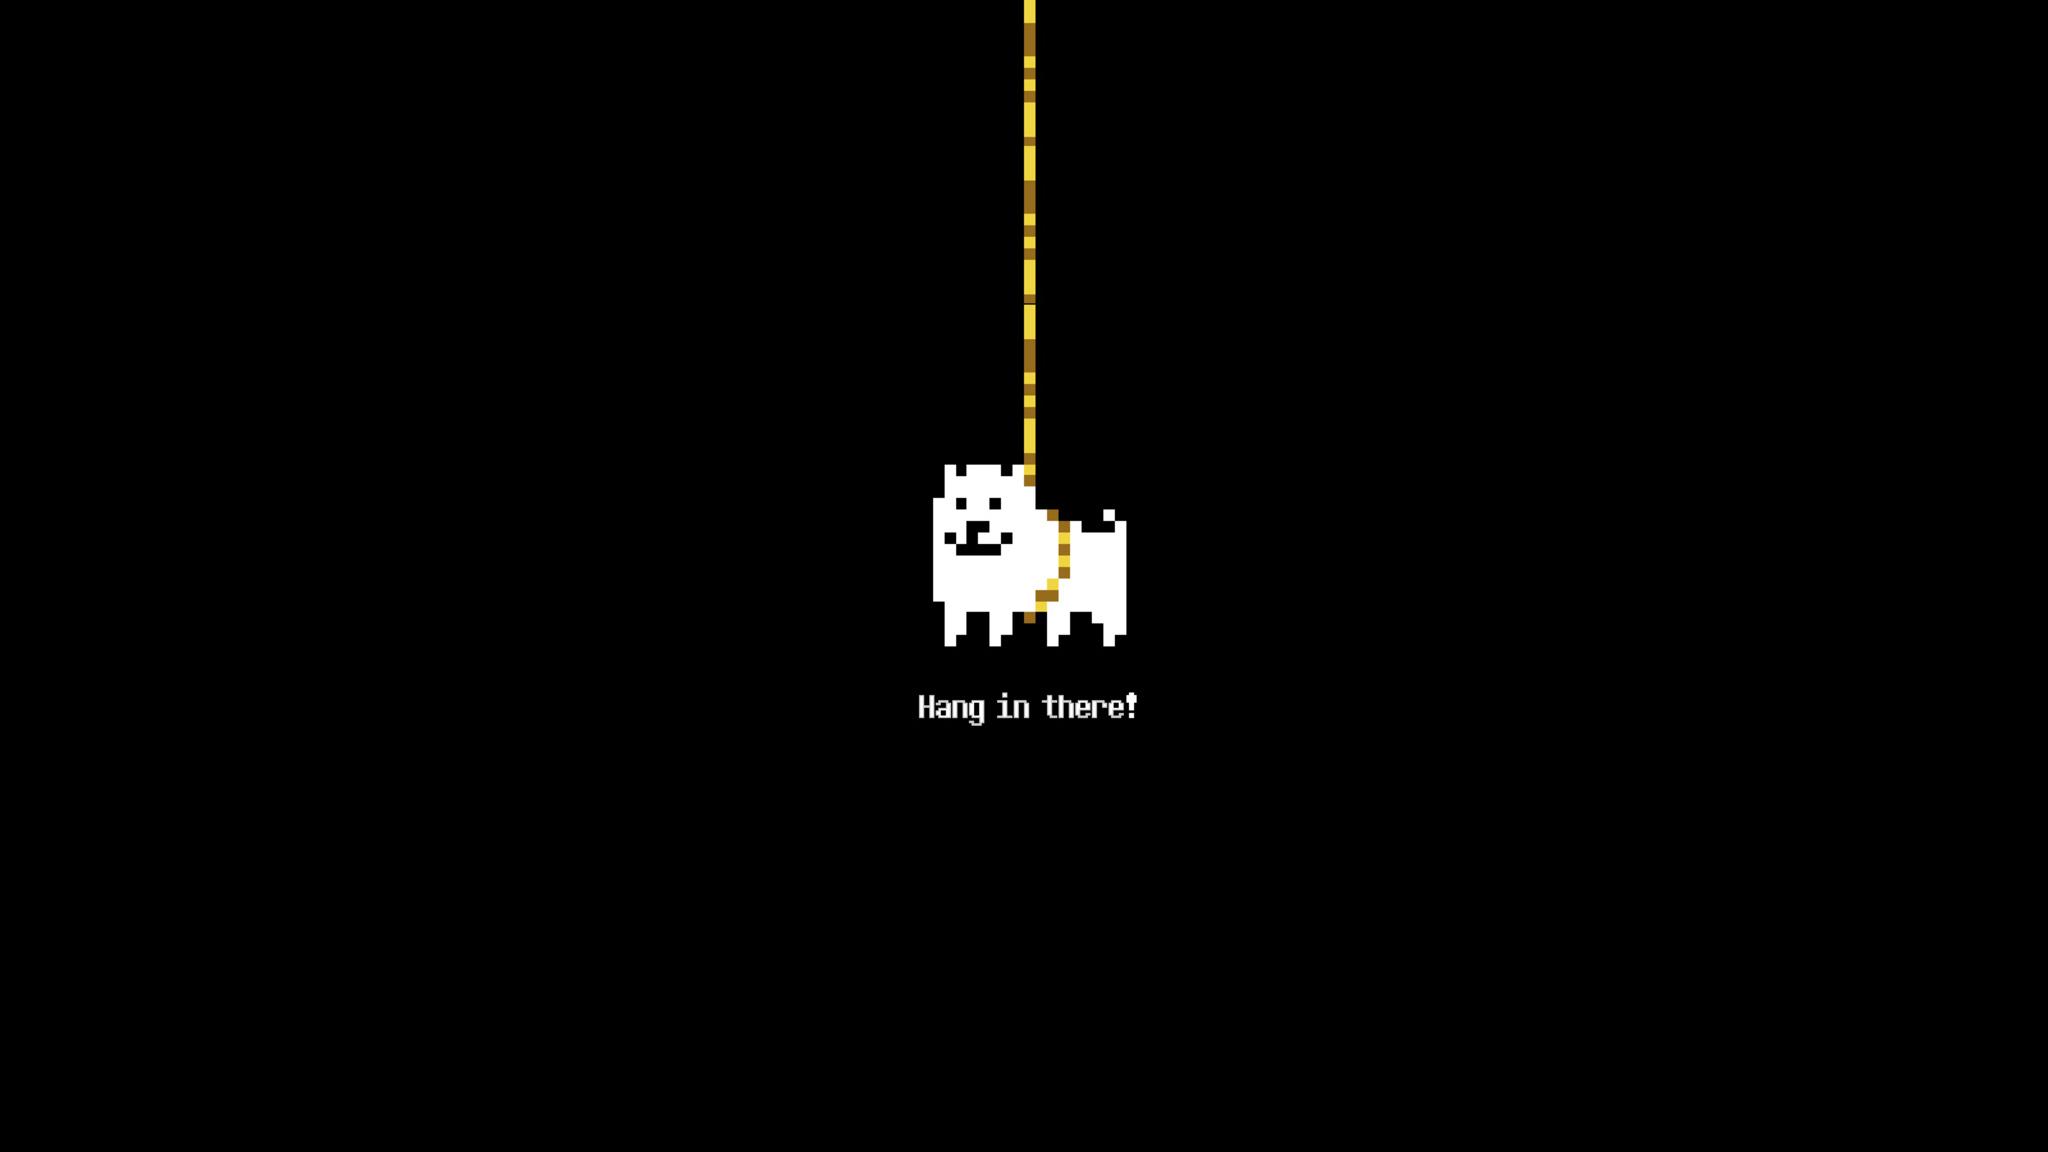 funny-dog-minimal-art-fu.jpg